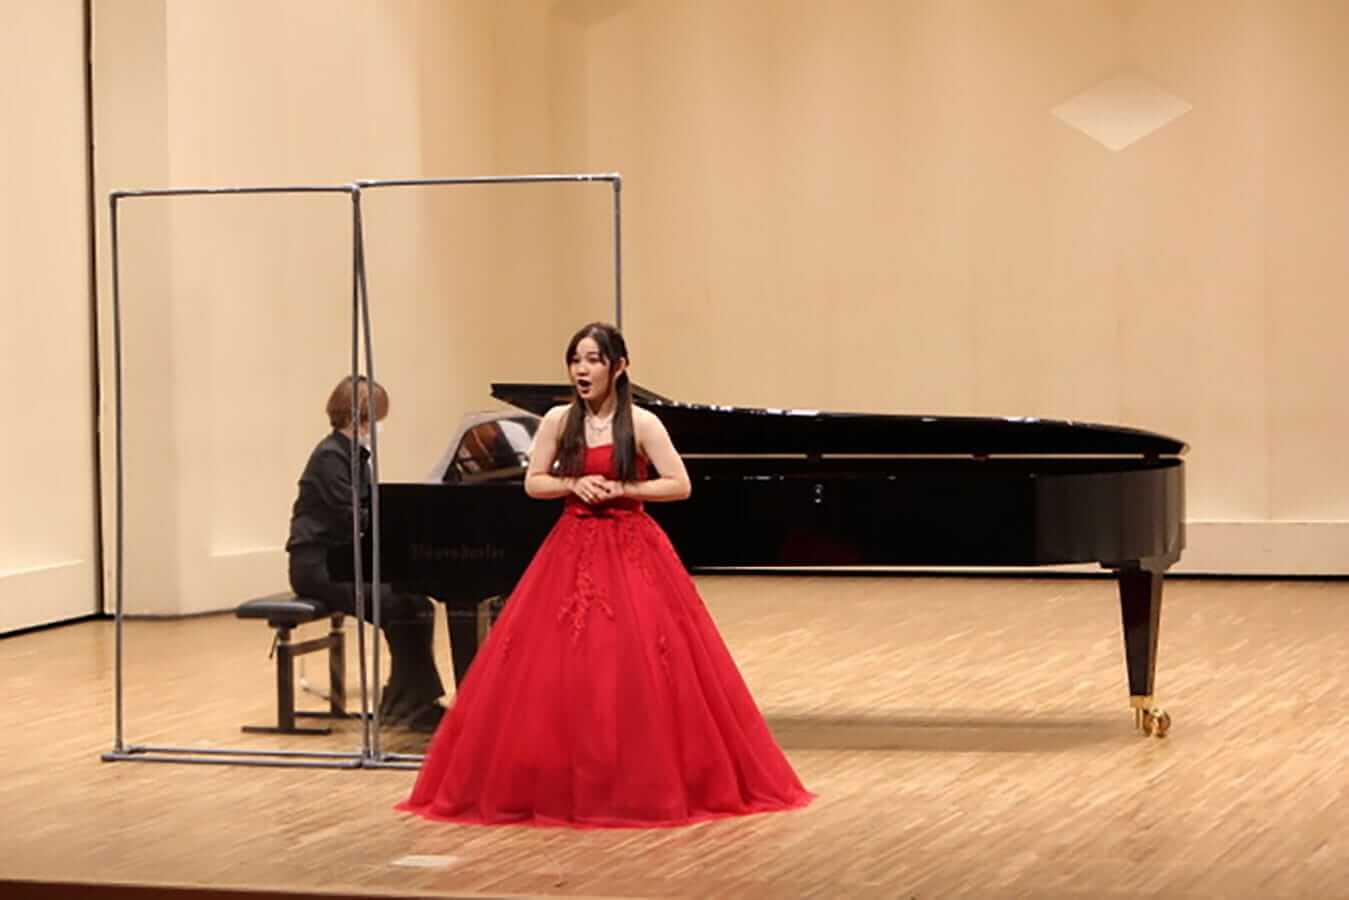 [写真]学内演奏会 ―声楽コース 1・2年次 独唱 3年次 日本歌曲―演奏風景6